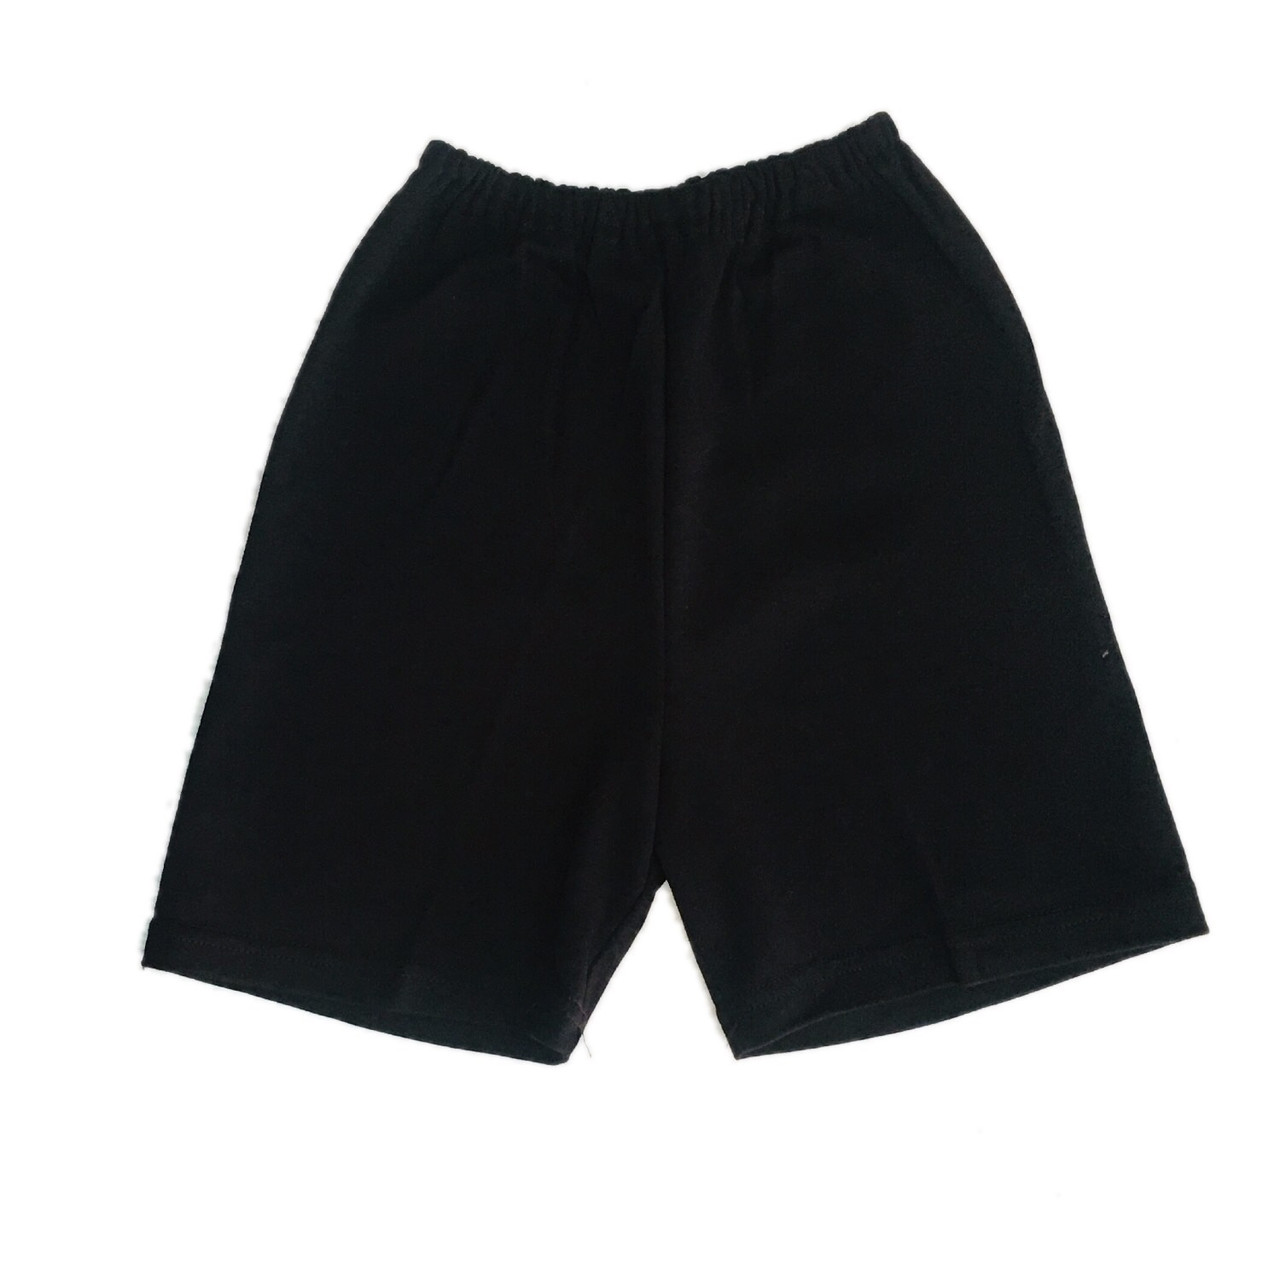 Детские шорты черные на физкультуру, 92см